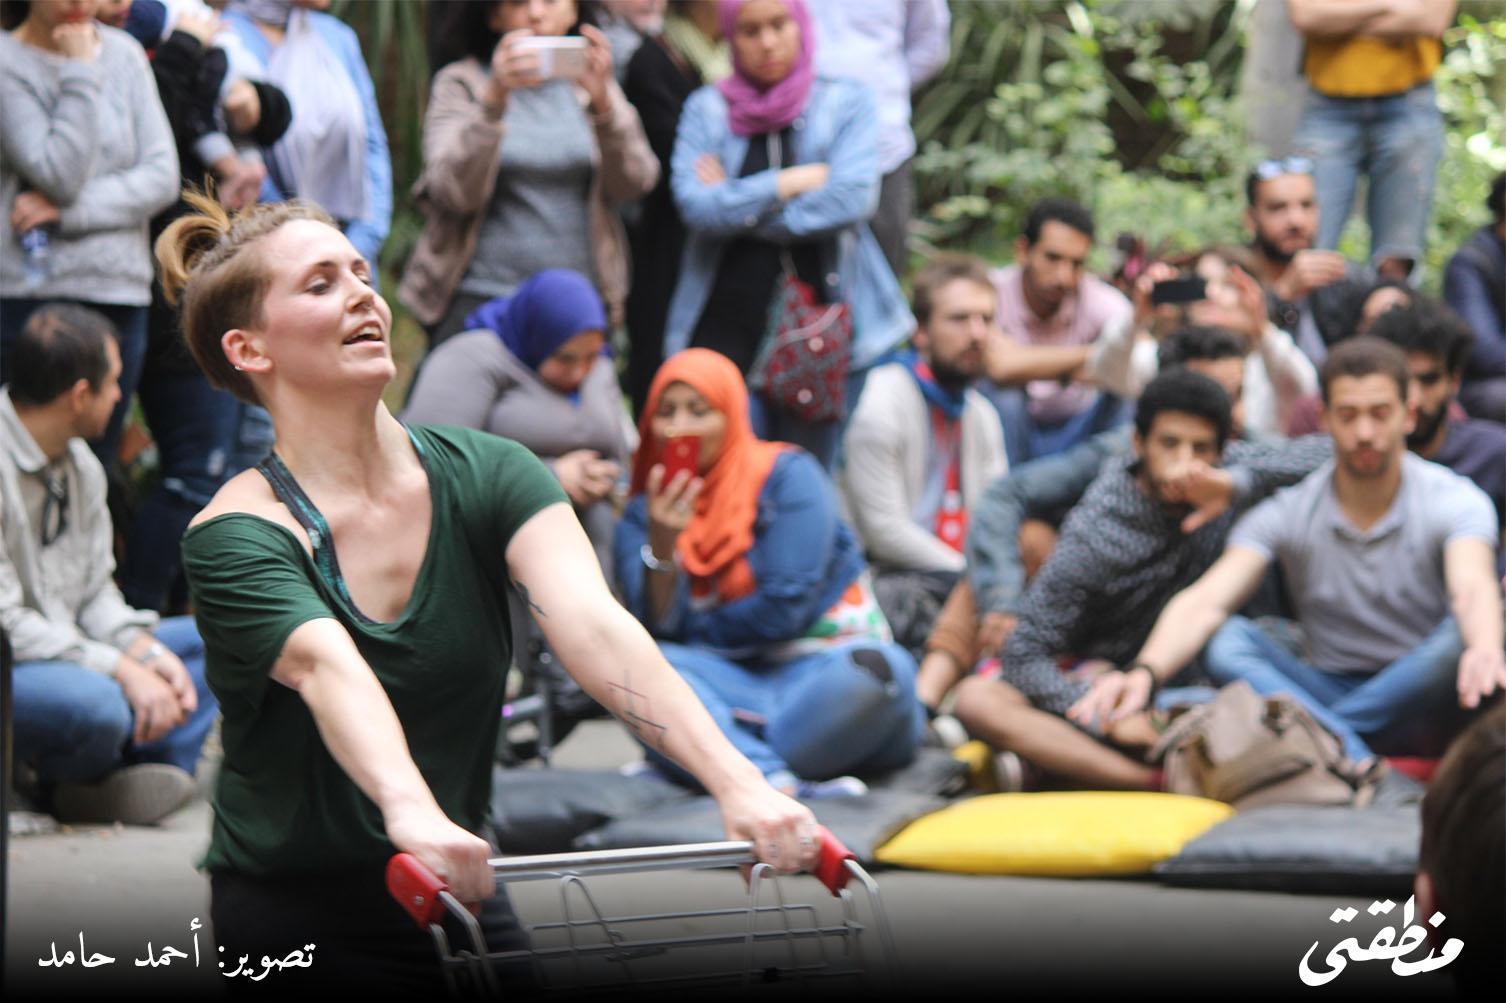 صورة أرشيفية- عربات تسوق -عرض رقص في الشارع - معهد جوته - دي كاف - تصوير أحمد حامد